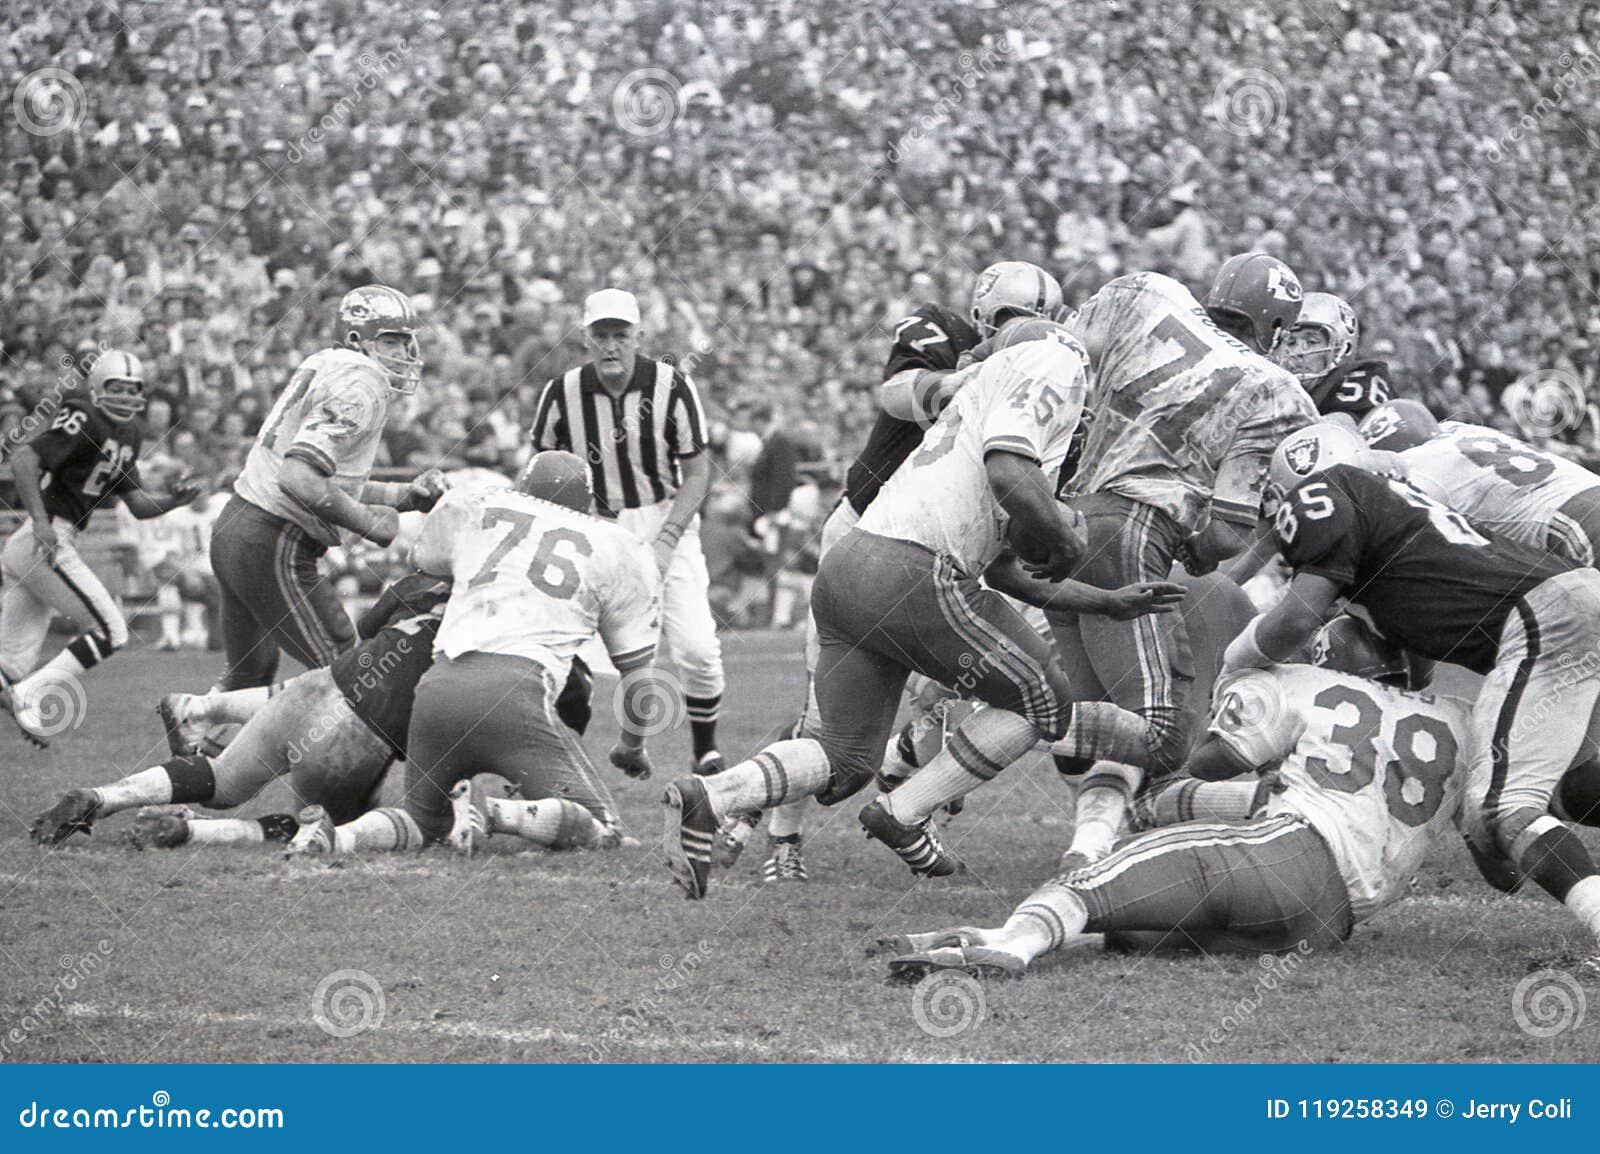 Kansas City Chiefs vs the Oakland Raiders 1969